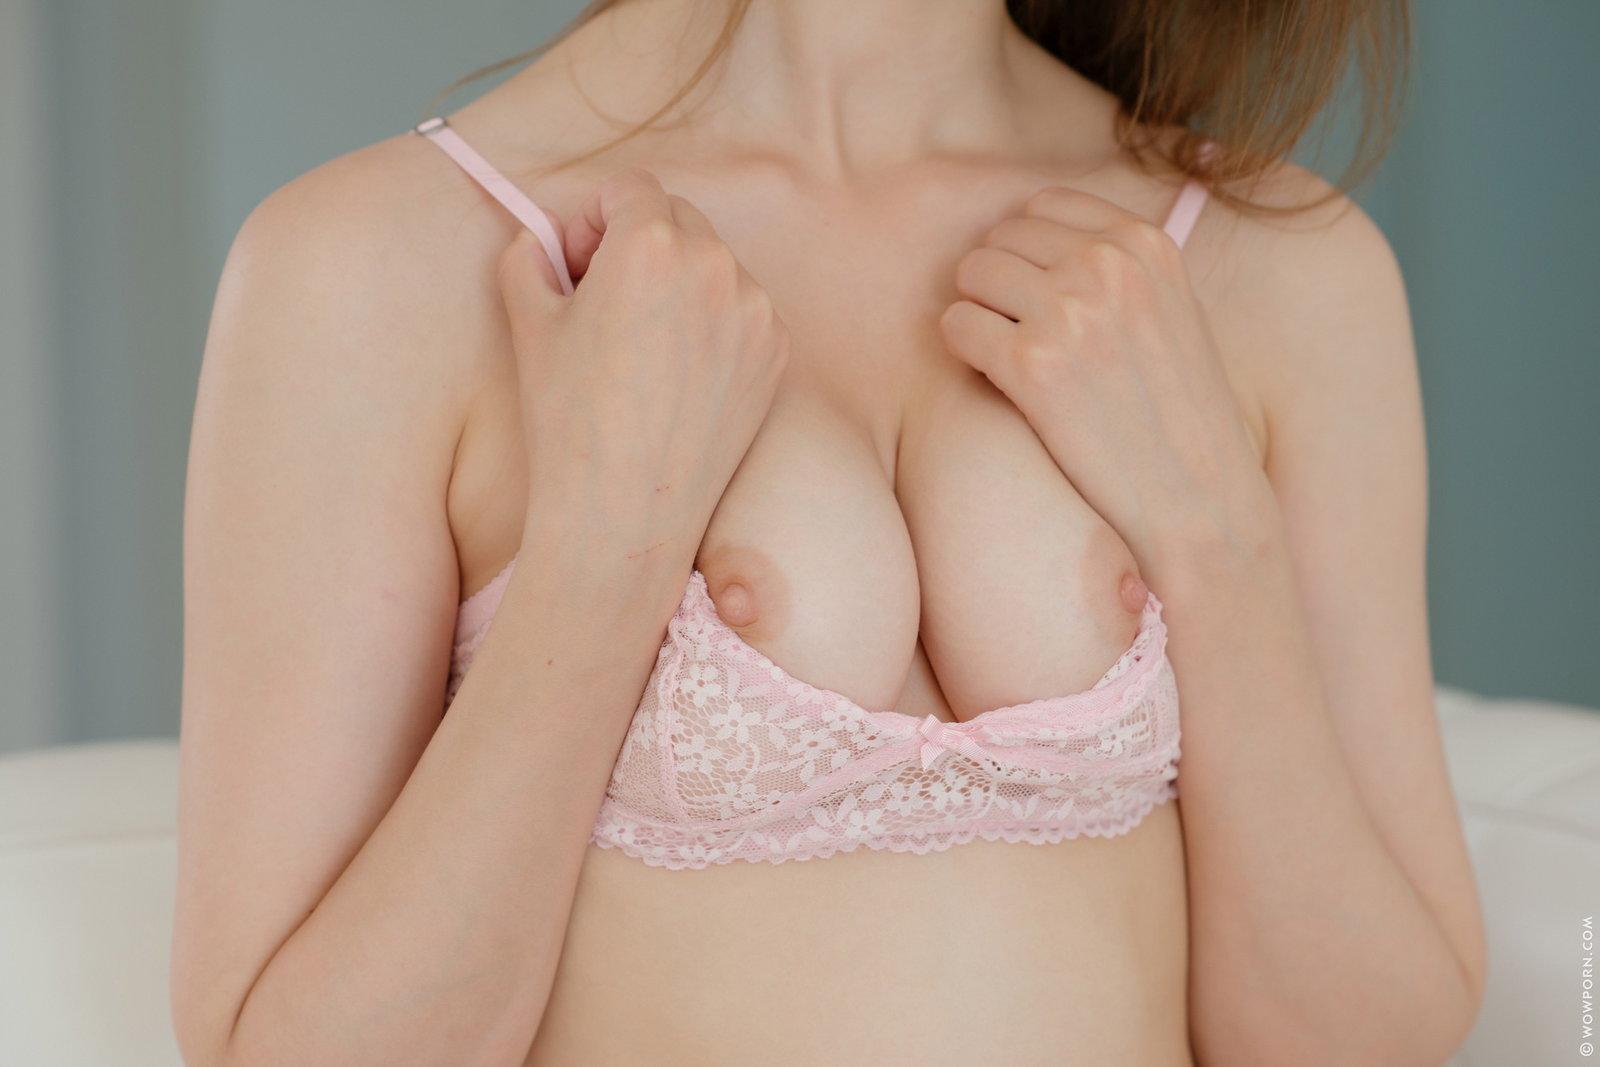 Zdjęcie porno - 1130 - Niunia rozbiera się na białej kanapie